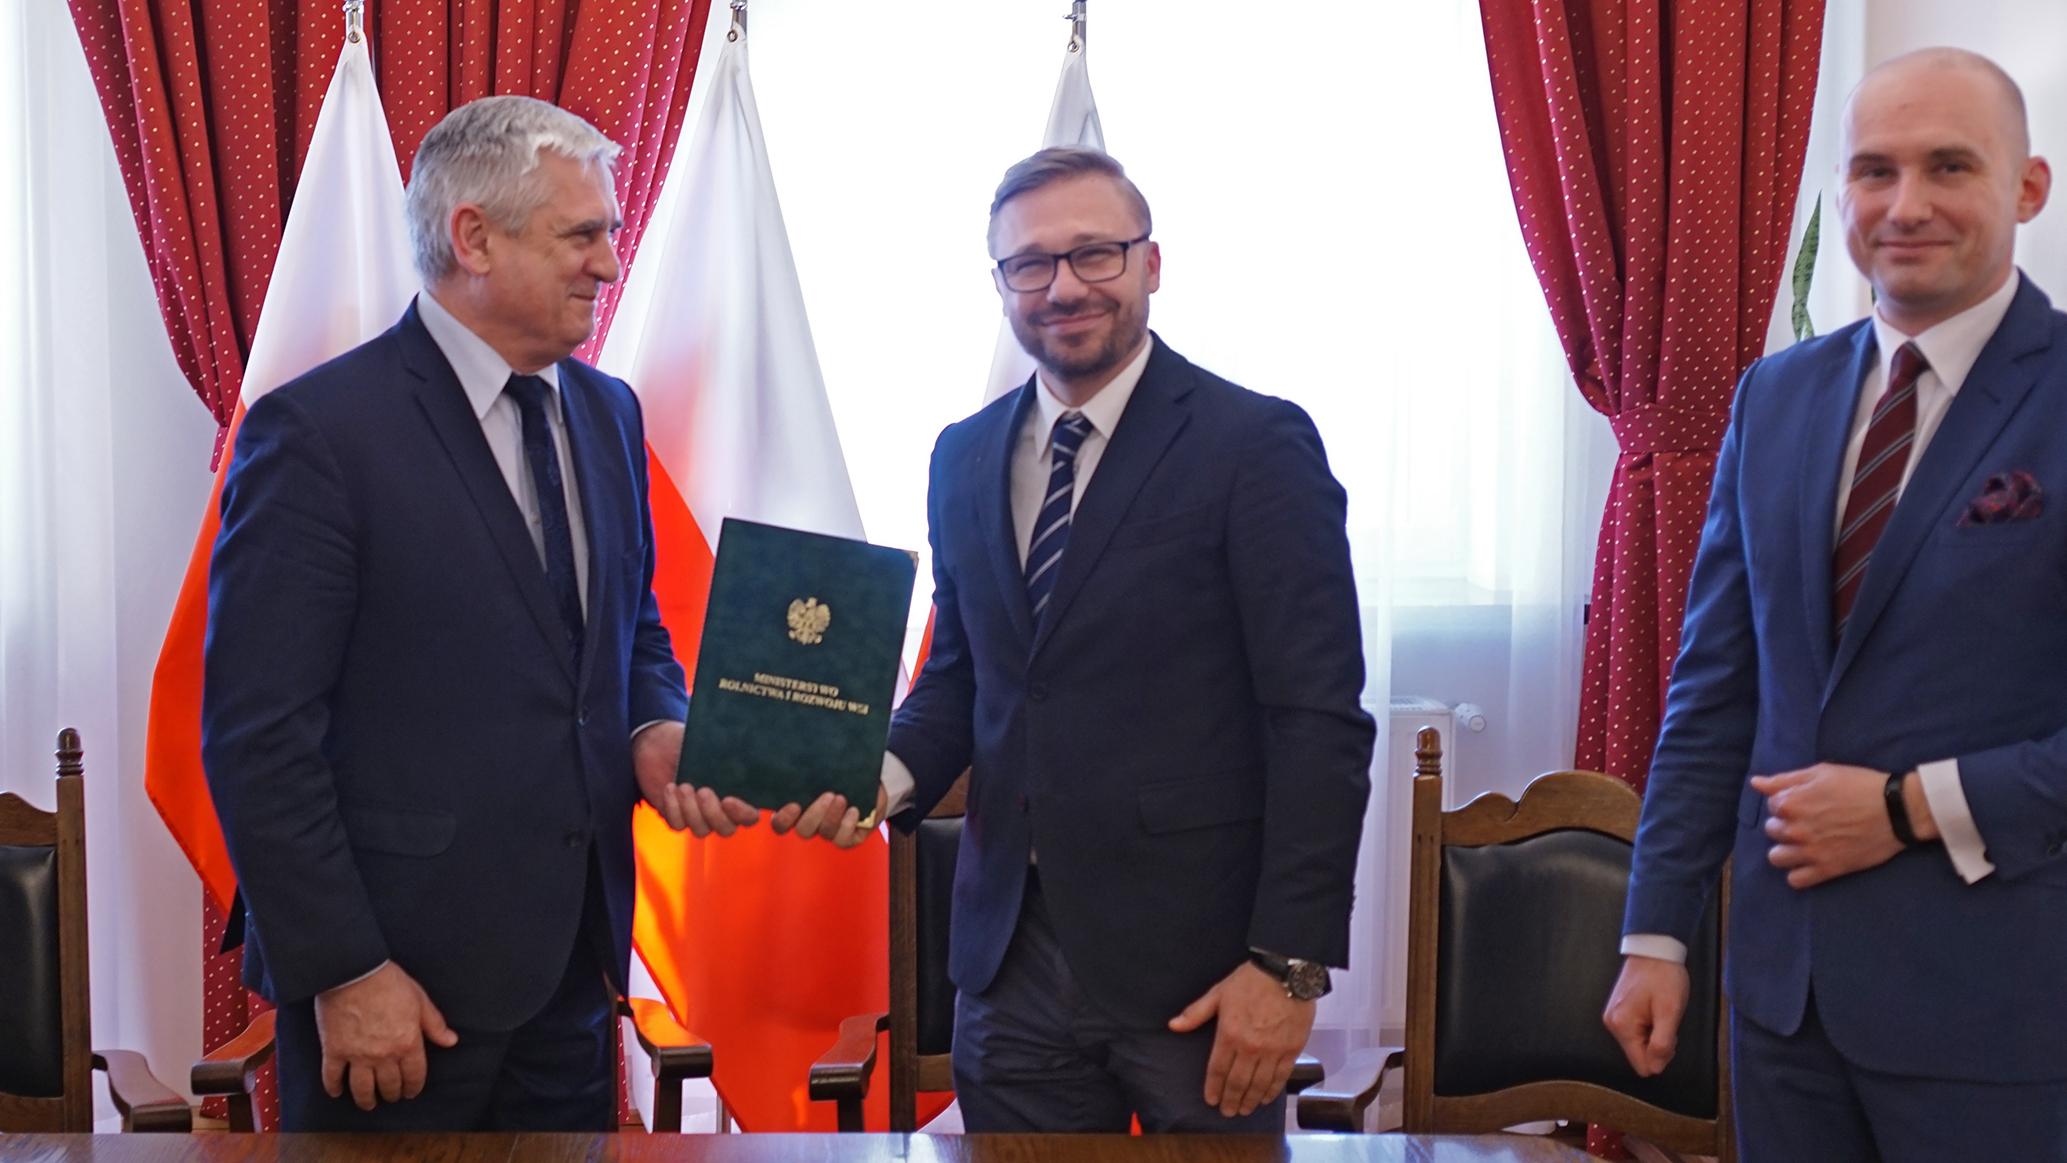 Od lewej wiceminister J. Białkowski, starosta rypiński Jarosław Sochacki i wicestarosta rypiński Piotr Czarnecki